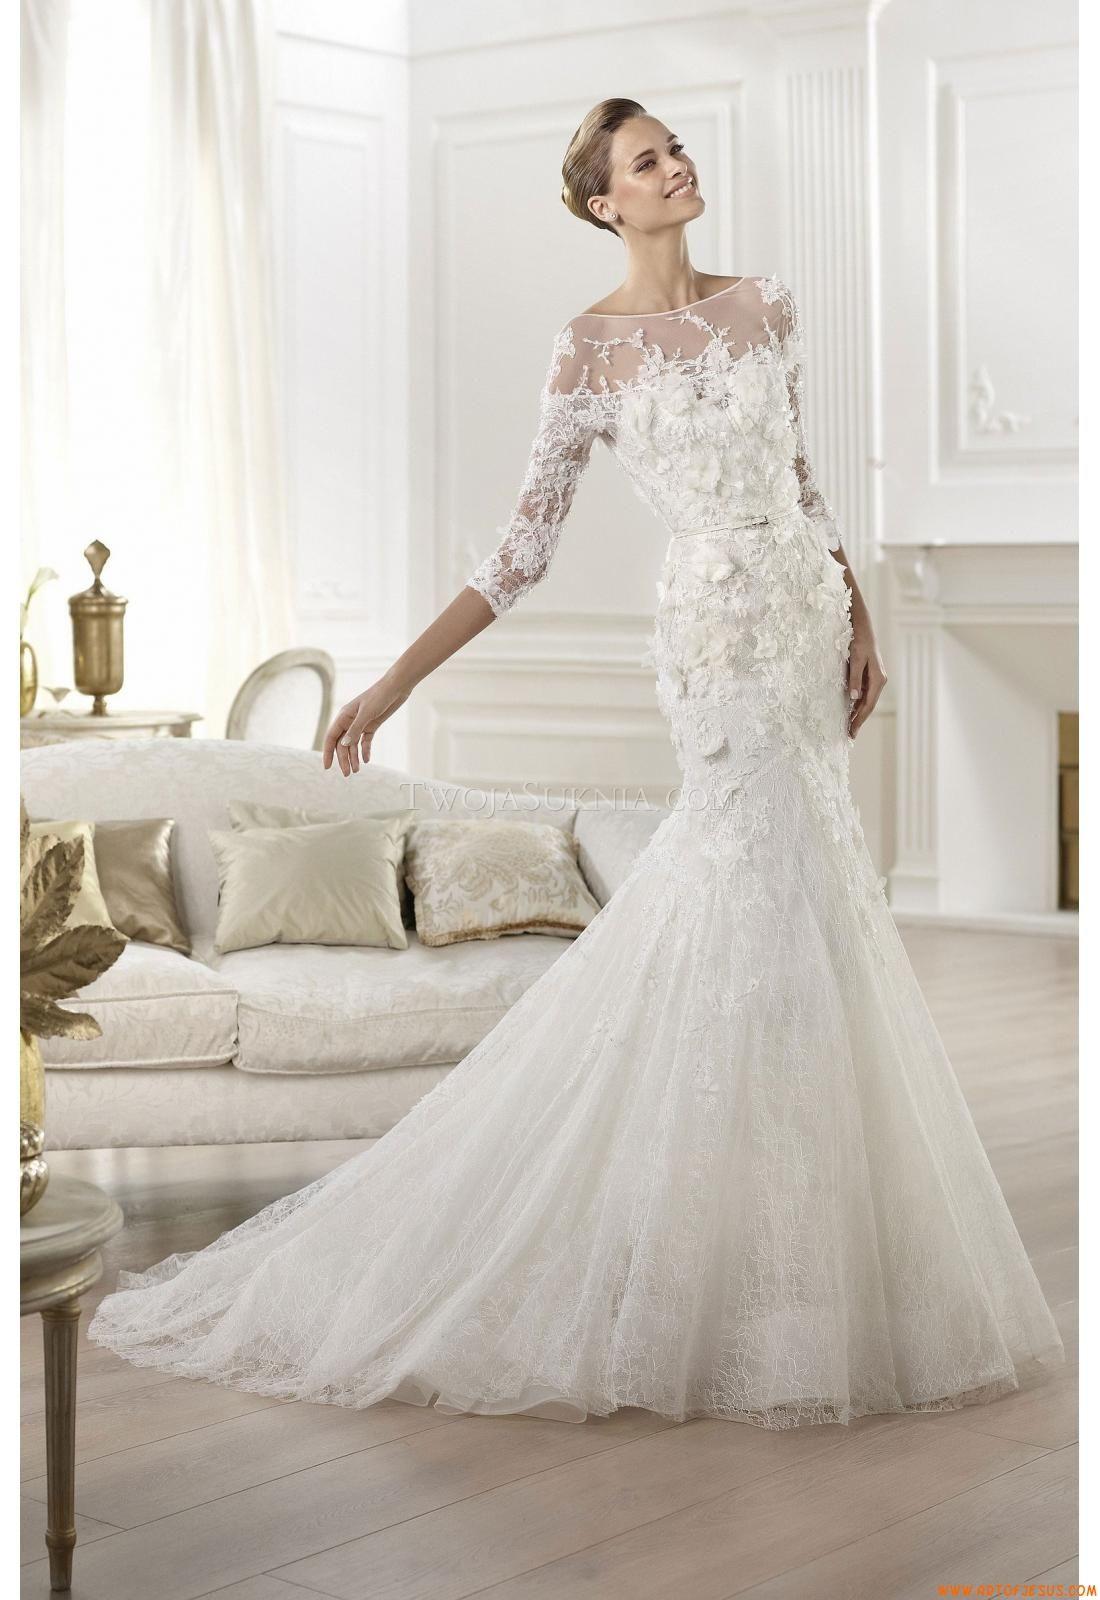 Meerjungfrau Außergewöhnliche Glamouröse Brautkleider aus Tüll mit ...